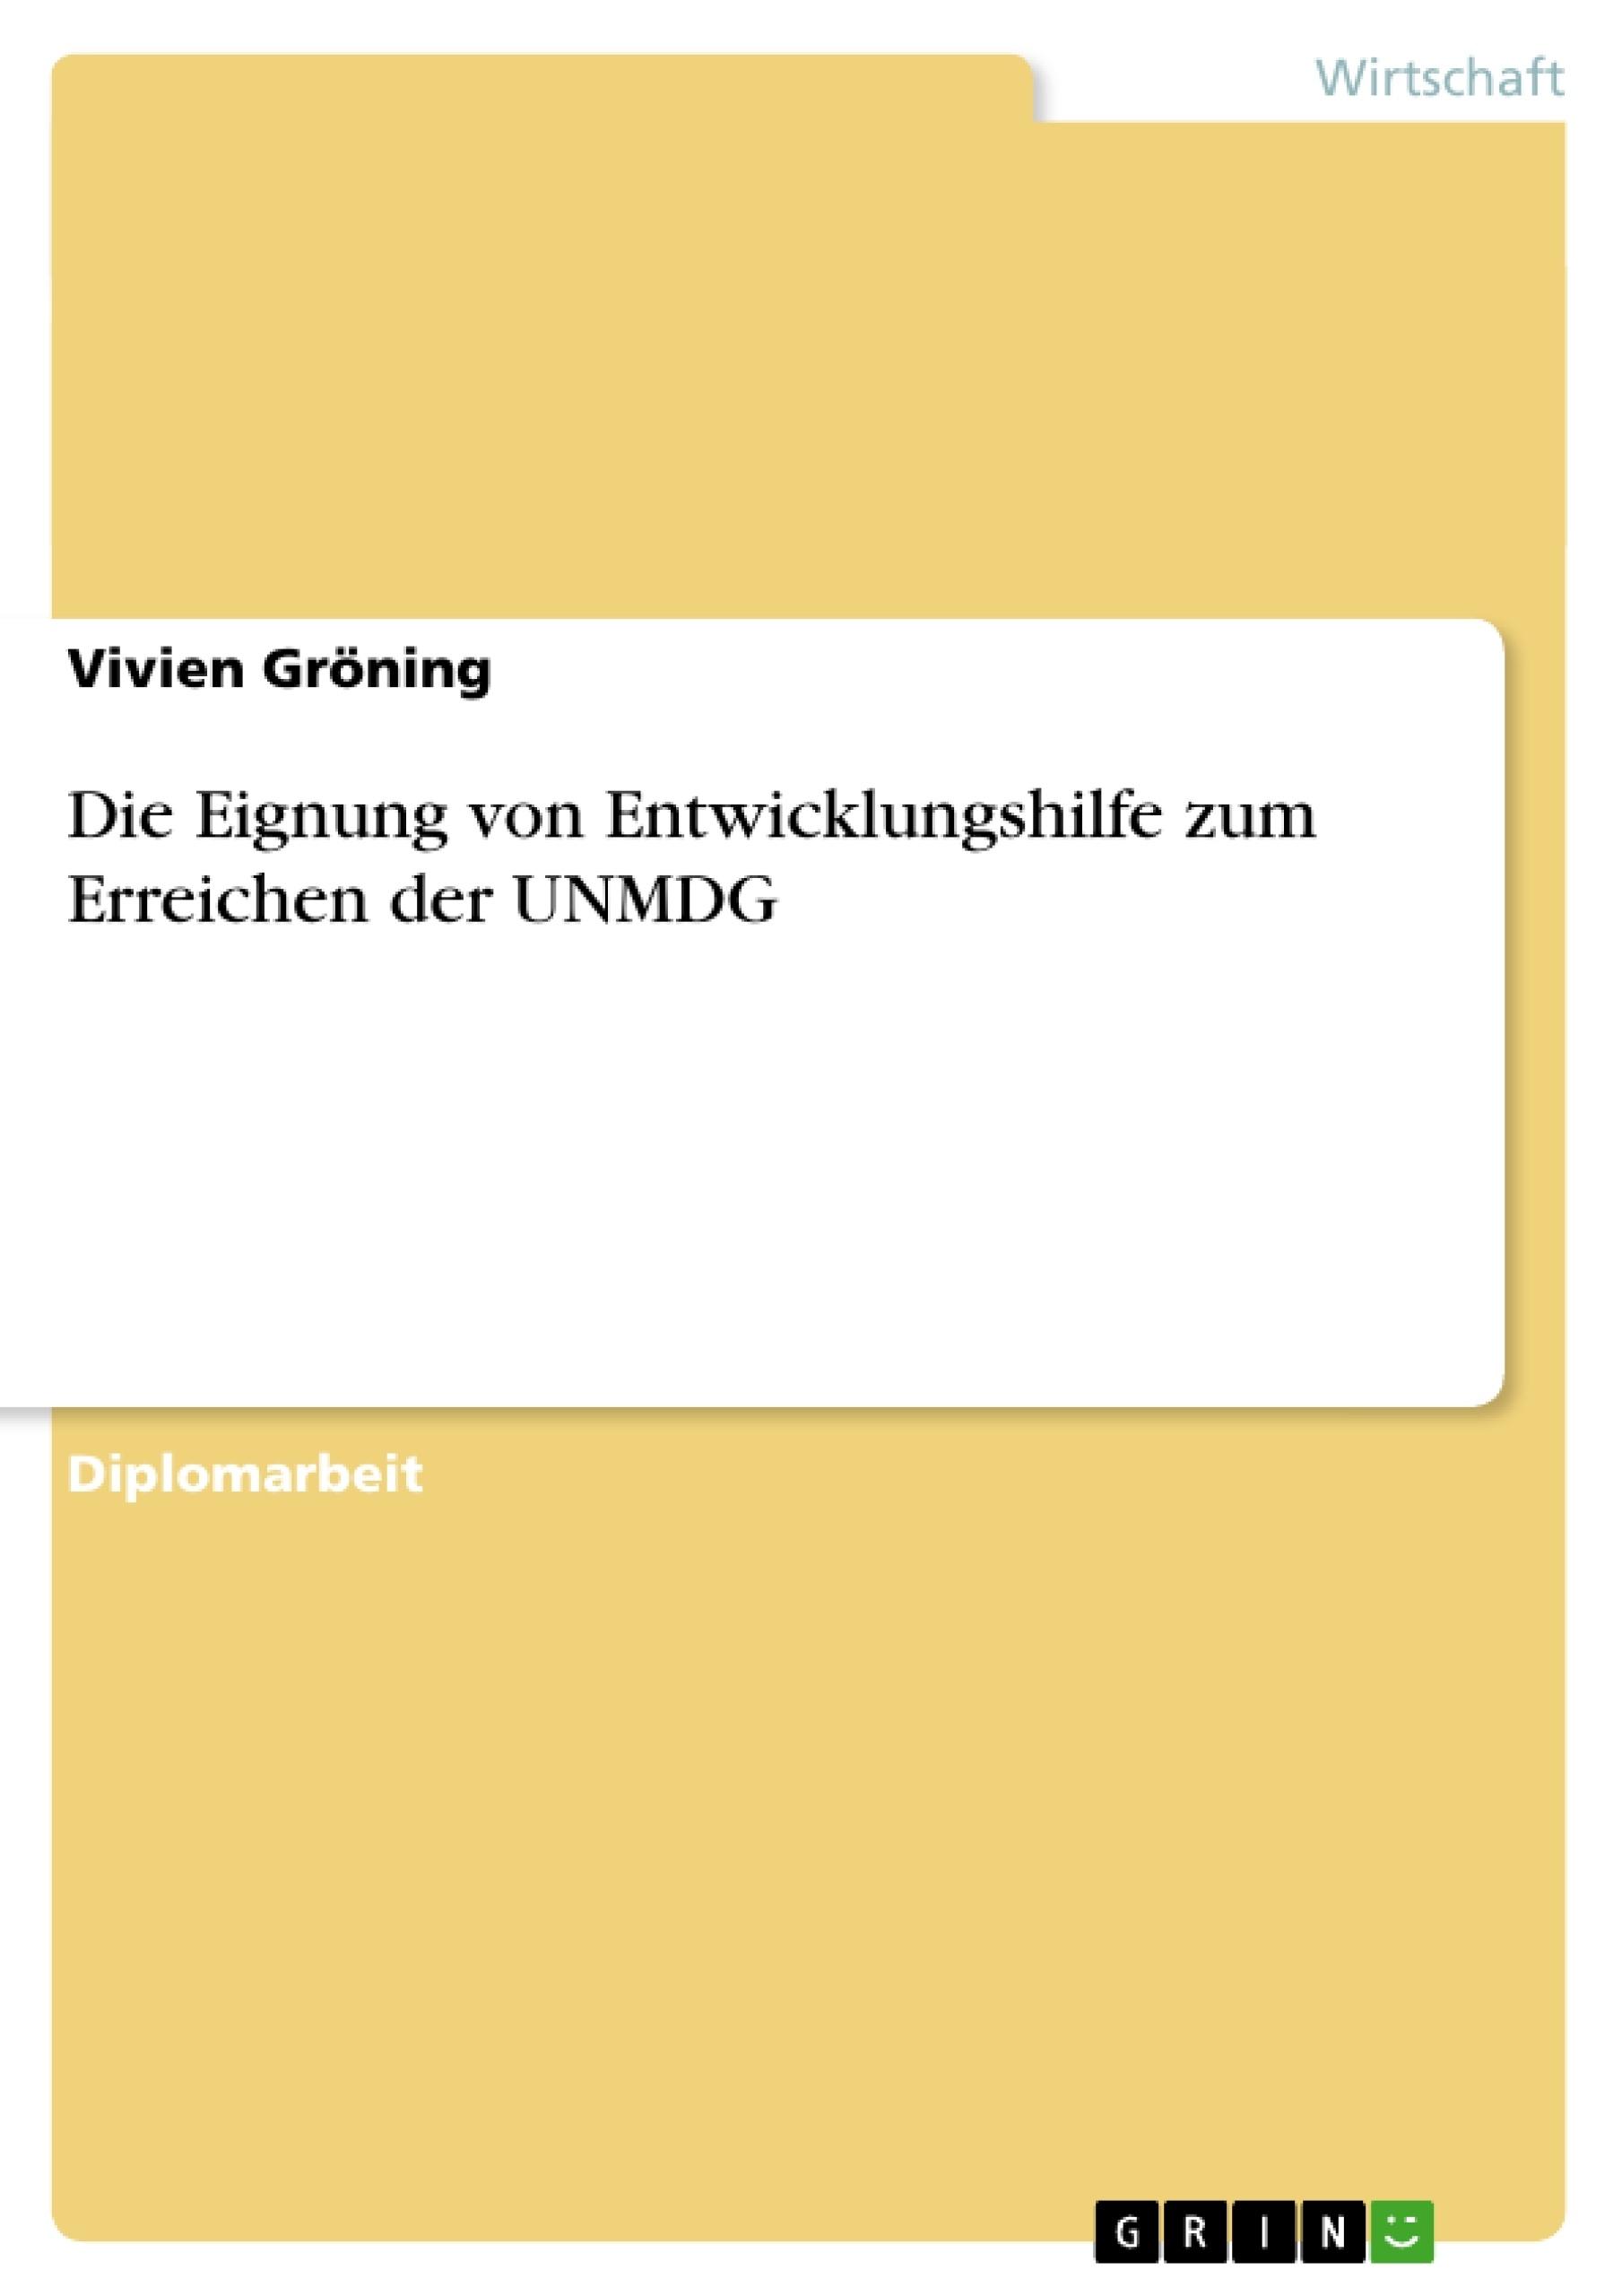 Titel: Die Eignung von Entwicklungshilfe zum Erreichen der UNMDG